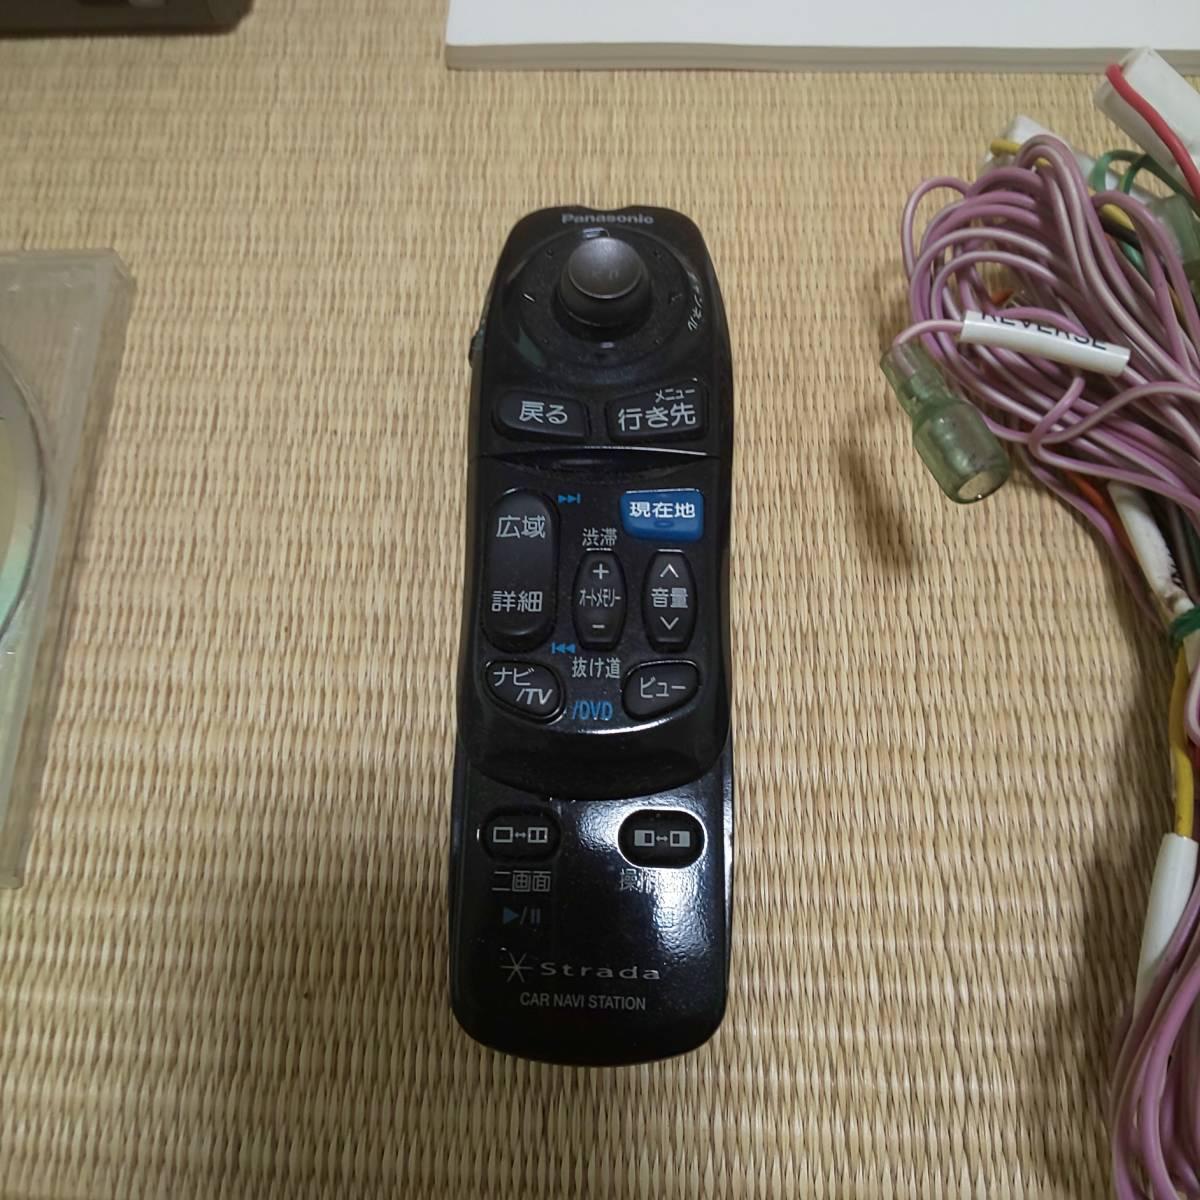 Panasonic strada CN-DV255FD DVDナビ_画像7